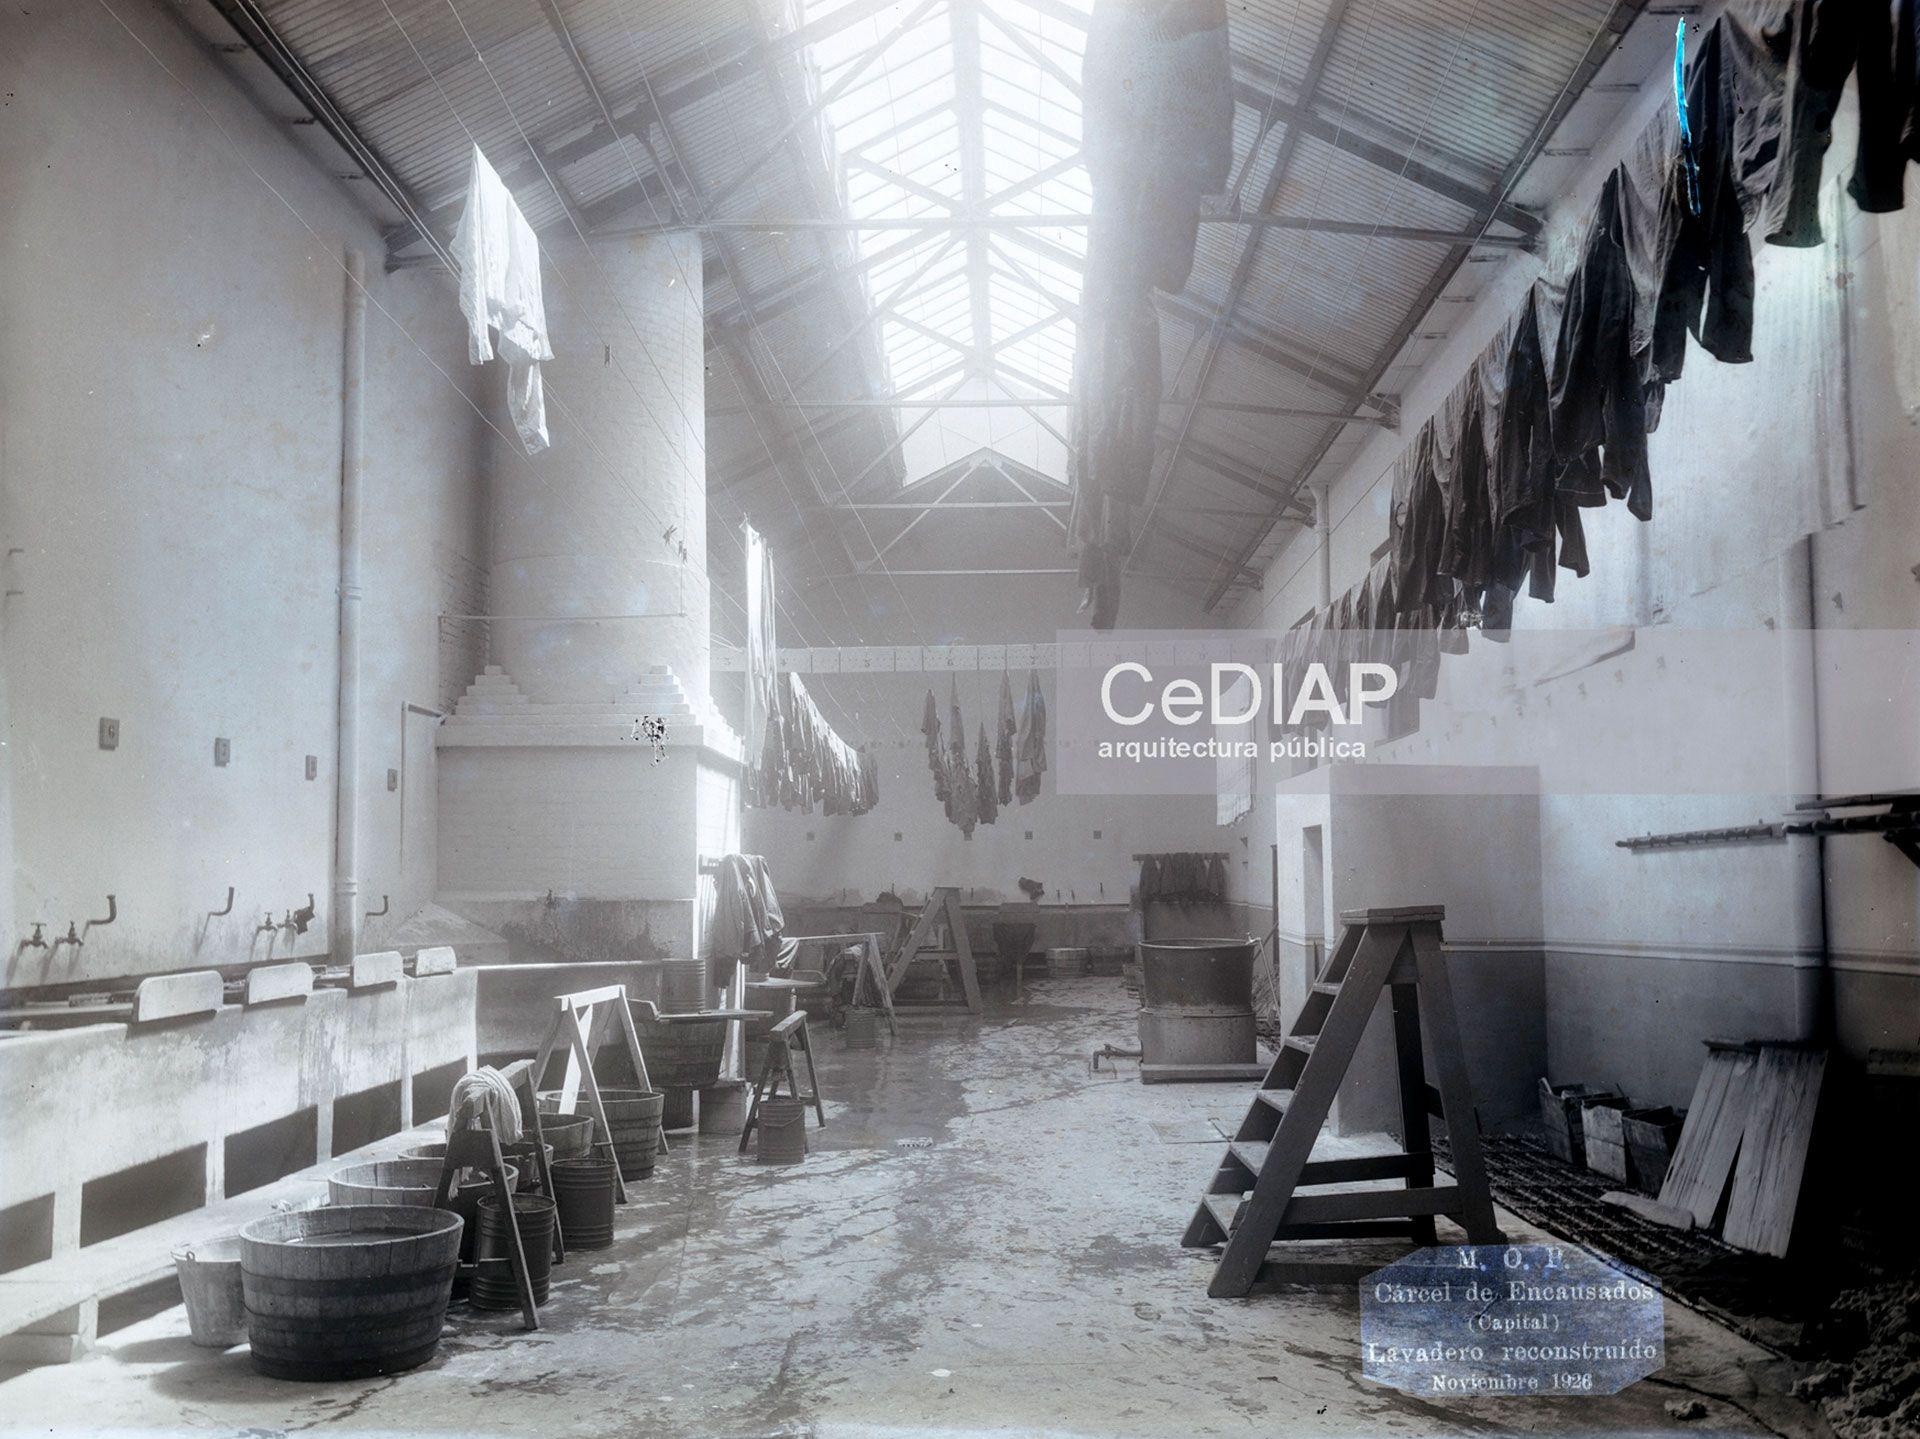 La vieja chimenea en noviembre de 1926 (Centro de Documentación e Investigación de la Arquitectura Pública - CEDIAP)